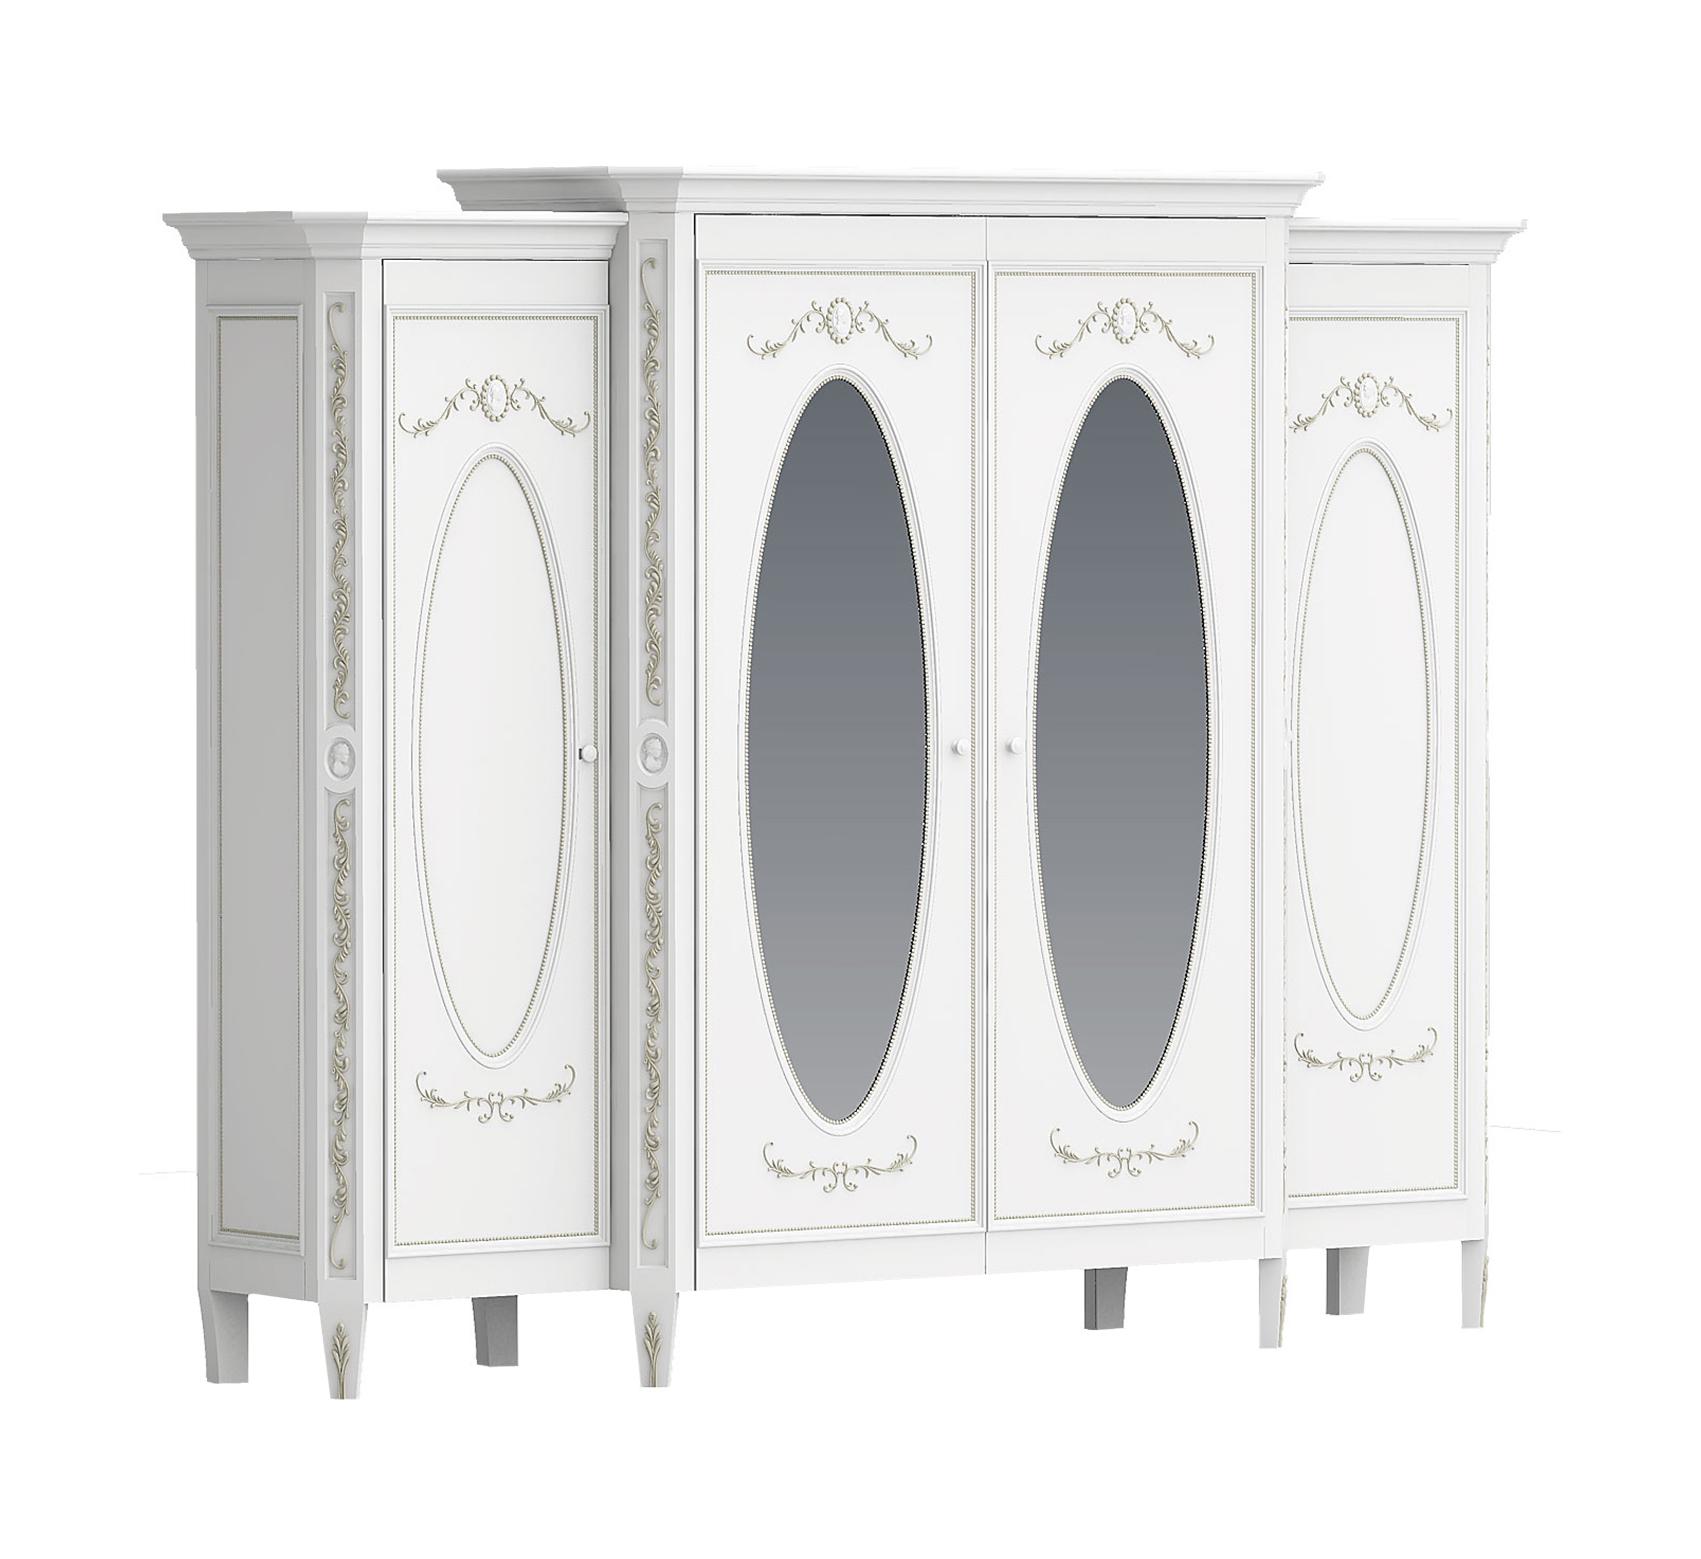 Шкаф с зеркалами БудуарПлатяные шкафы<br>Белая мебель для спальни коллекции &amp;quot;Будуар&amp;quot; - классическая мебель стиля Барокко, воплотившая в себе женственность, красоту и нежность дамских будуаров XVIII века. Узоры из жемчужин, цветов и камей - все это объединяет в себе тонкий лепной бордюр, искусно украшающий белую мебель, а легкое патинирование придает ему оттенок времени и неповторимого шика.&amp;lt;div&amp;gt;&amp;lt;br&amp;gt;&amp;lt;/div&amp;gt;&amp;lt;div&amp;gt;Шкаф имеет 4 двери.&amp;lt;/div&amp;gt;<br><br>Material: Бук<br>Length см: 0<br>Width см: 261.2<br>Depth см: 62<br>Height см: 210<br>Diameter см: 0